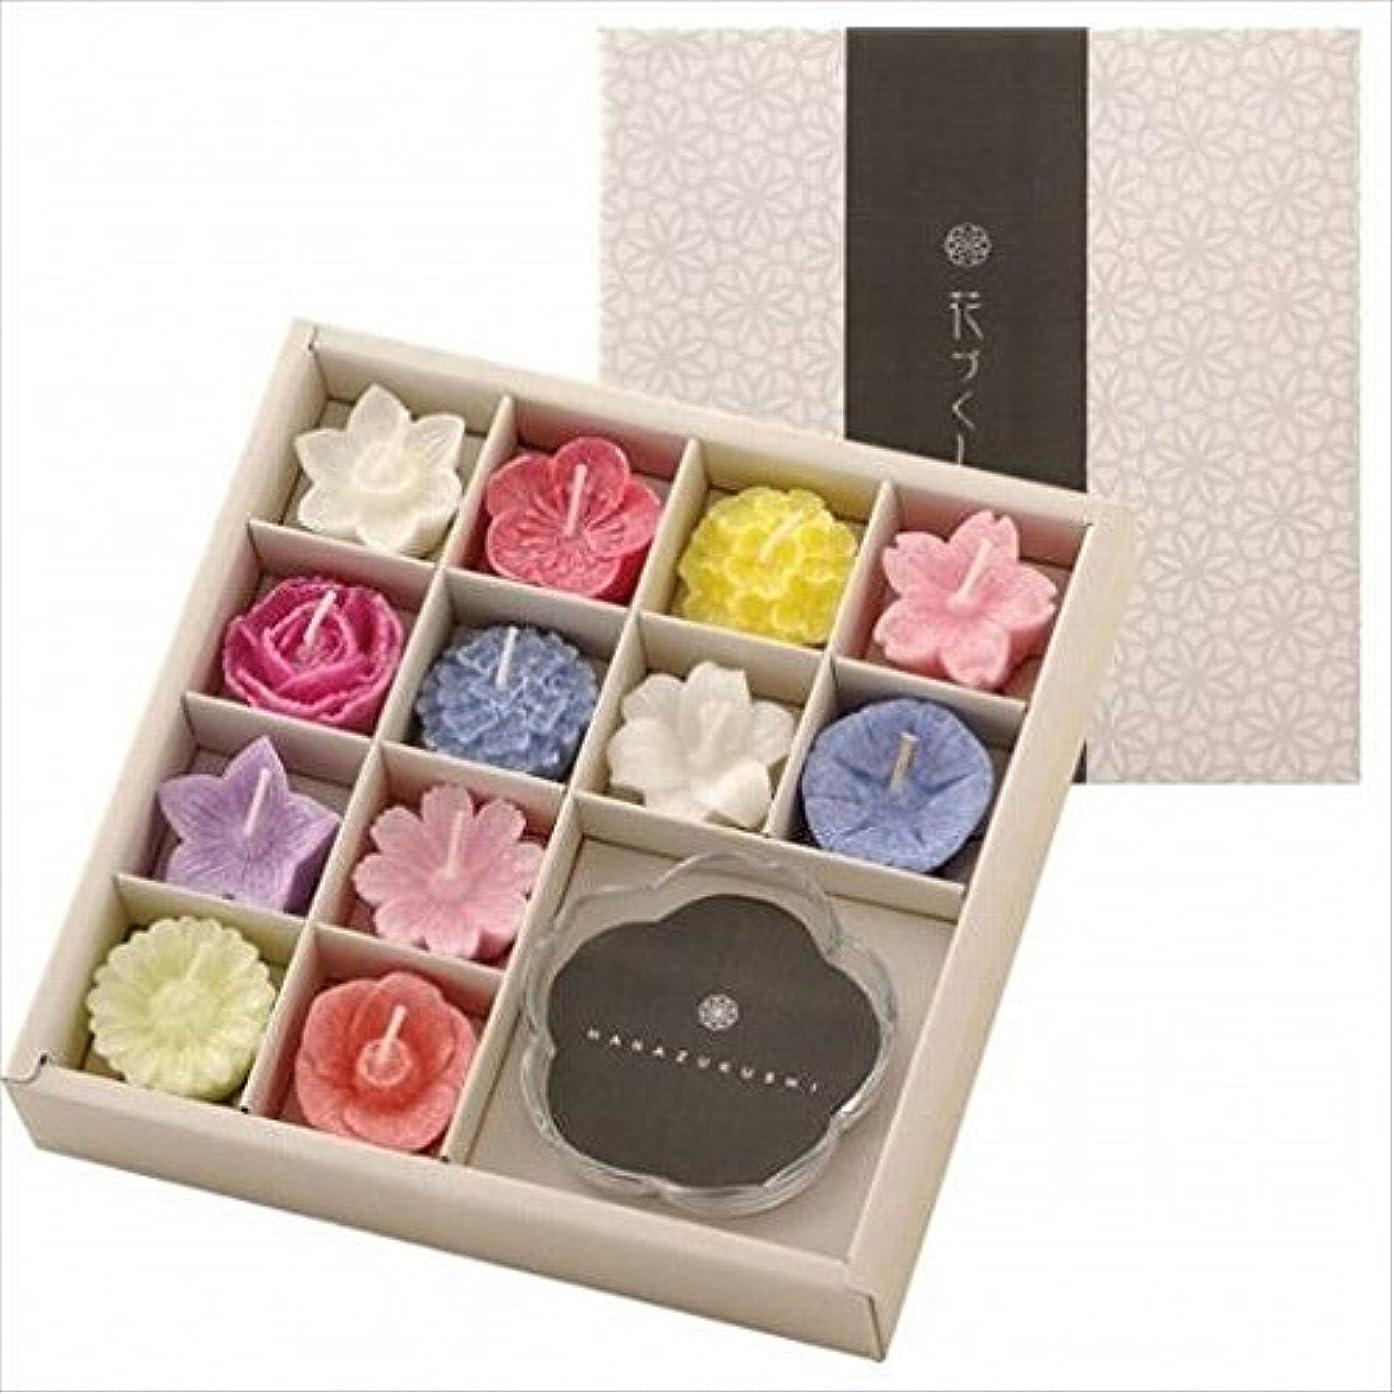 教育する冷蔵するシュリンクkameyama candle(カメヤマキャンドル) 花づくしギフトセット(植物性) キャンドル(96200700)